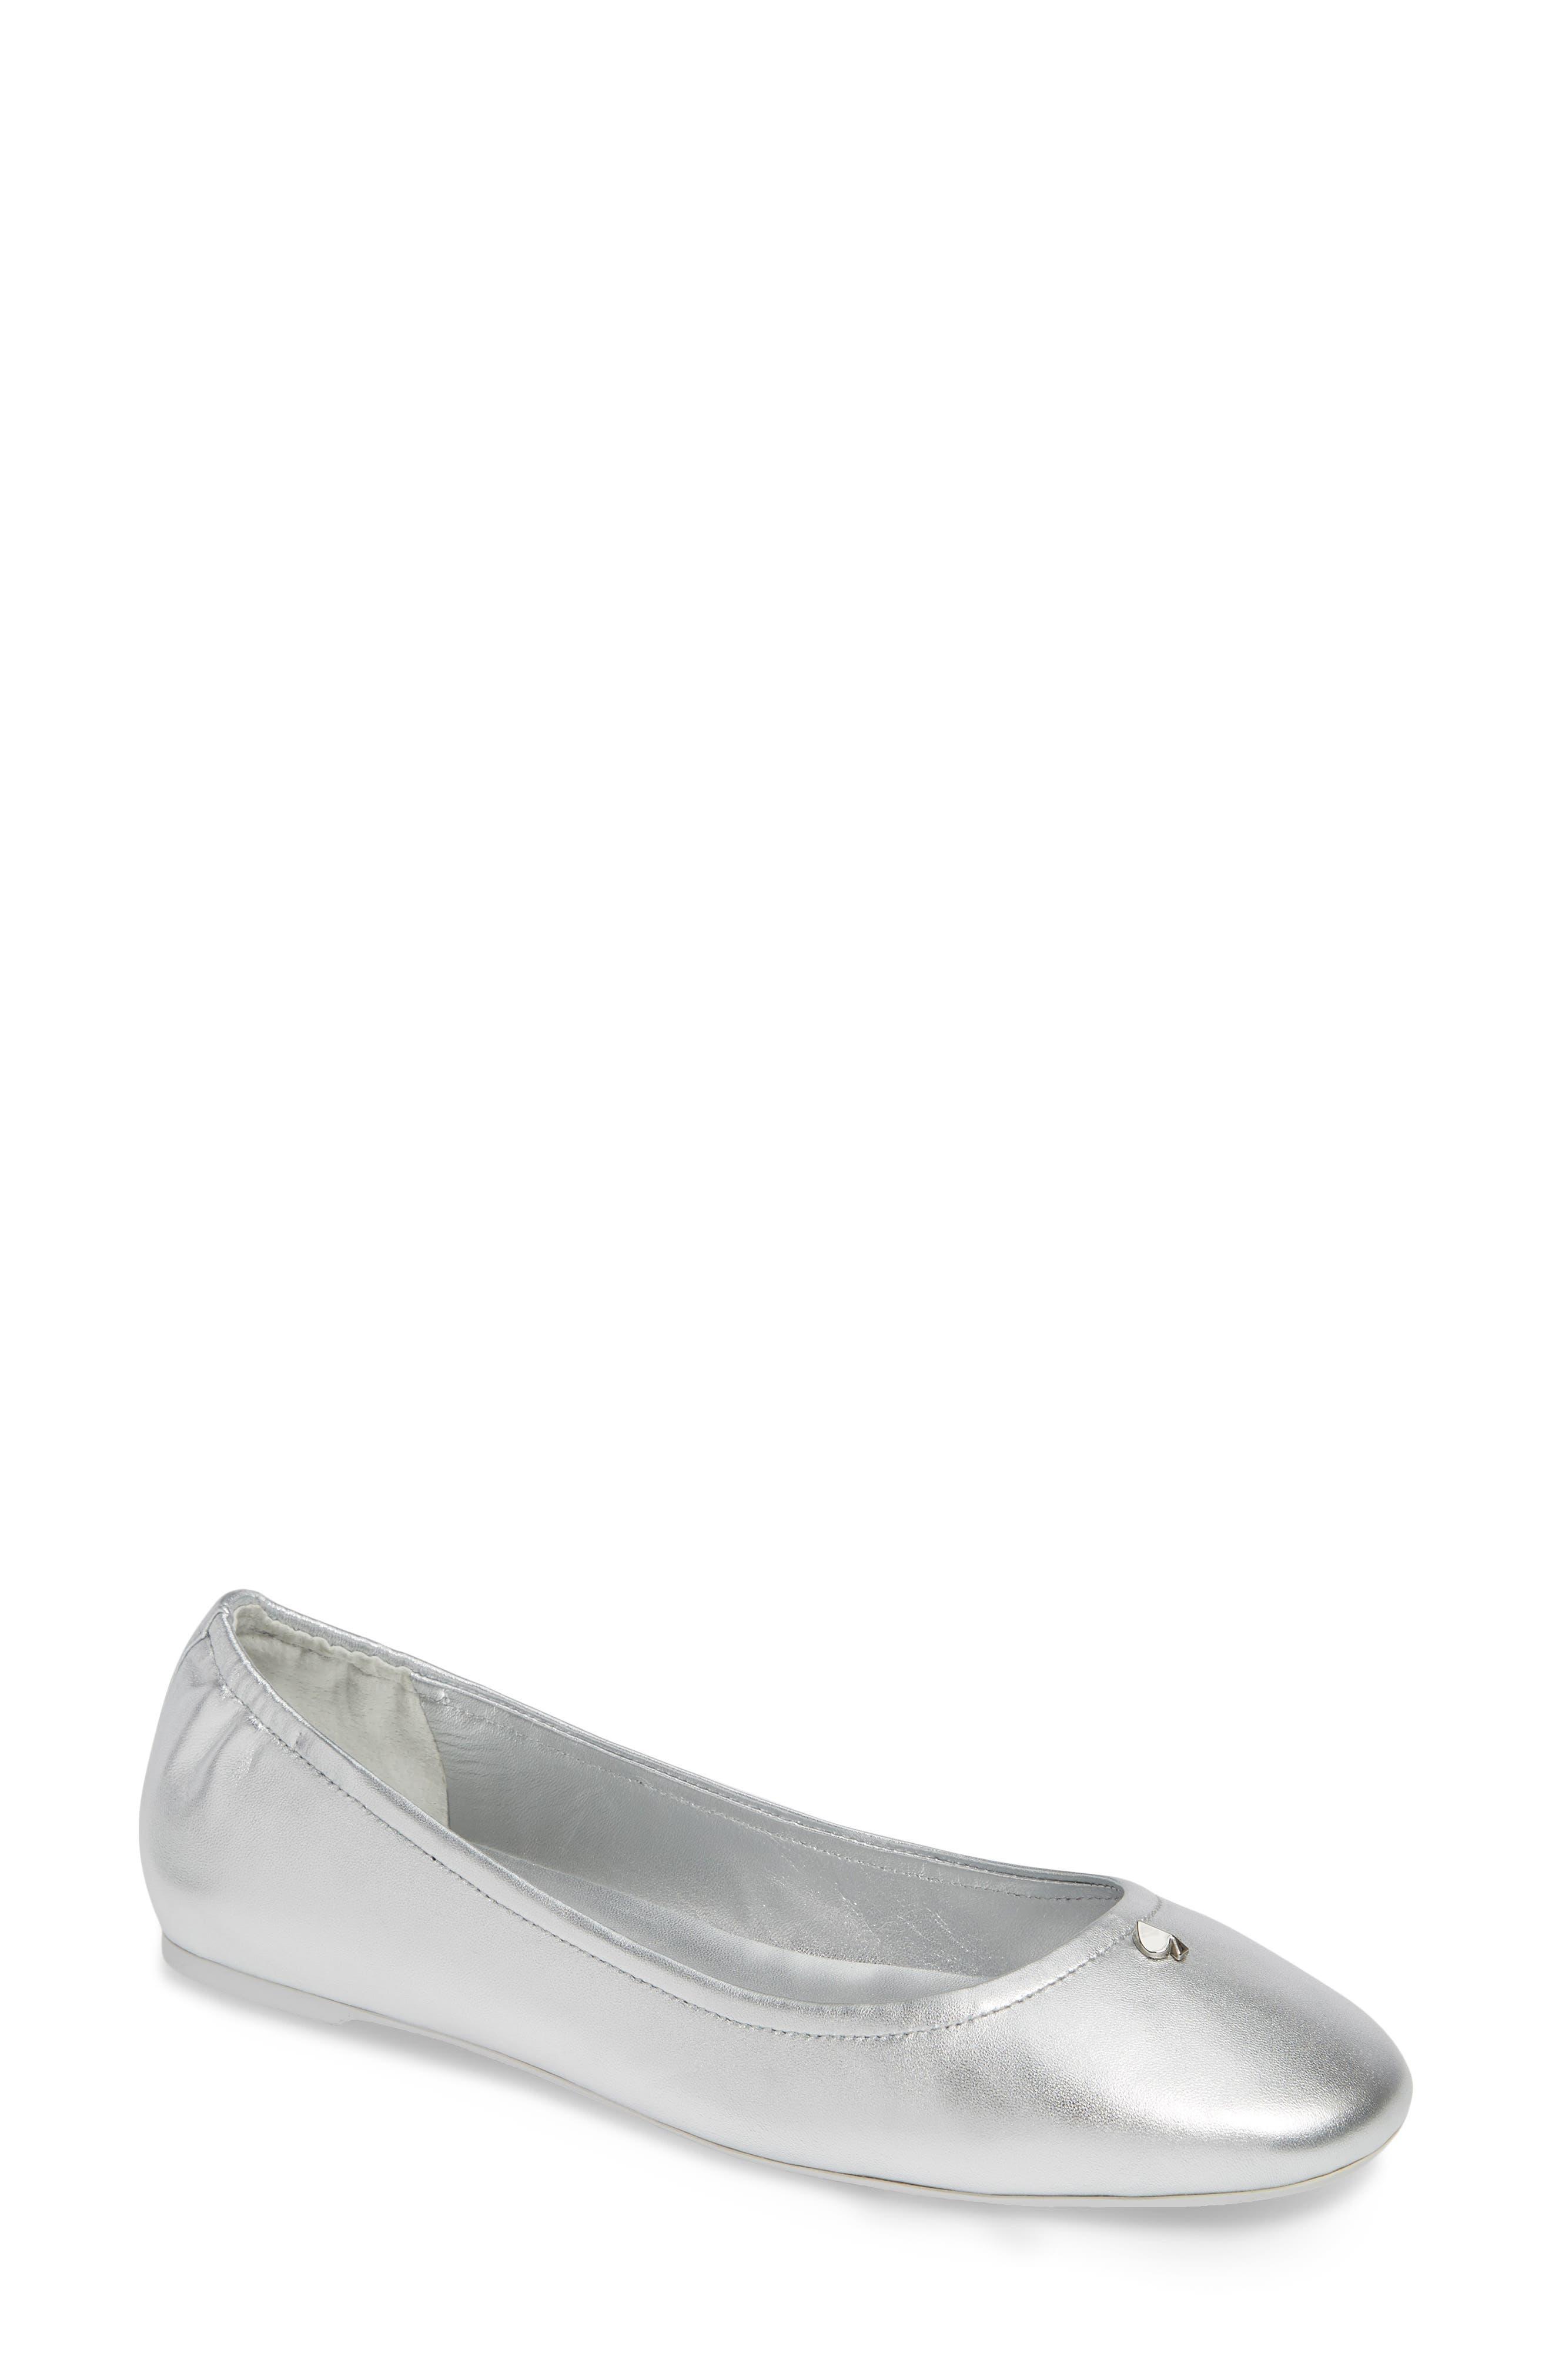 Kate Spade New York Kora Ballet Flat- Metallic